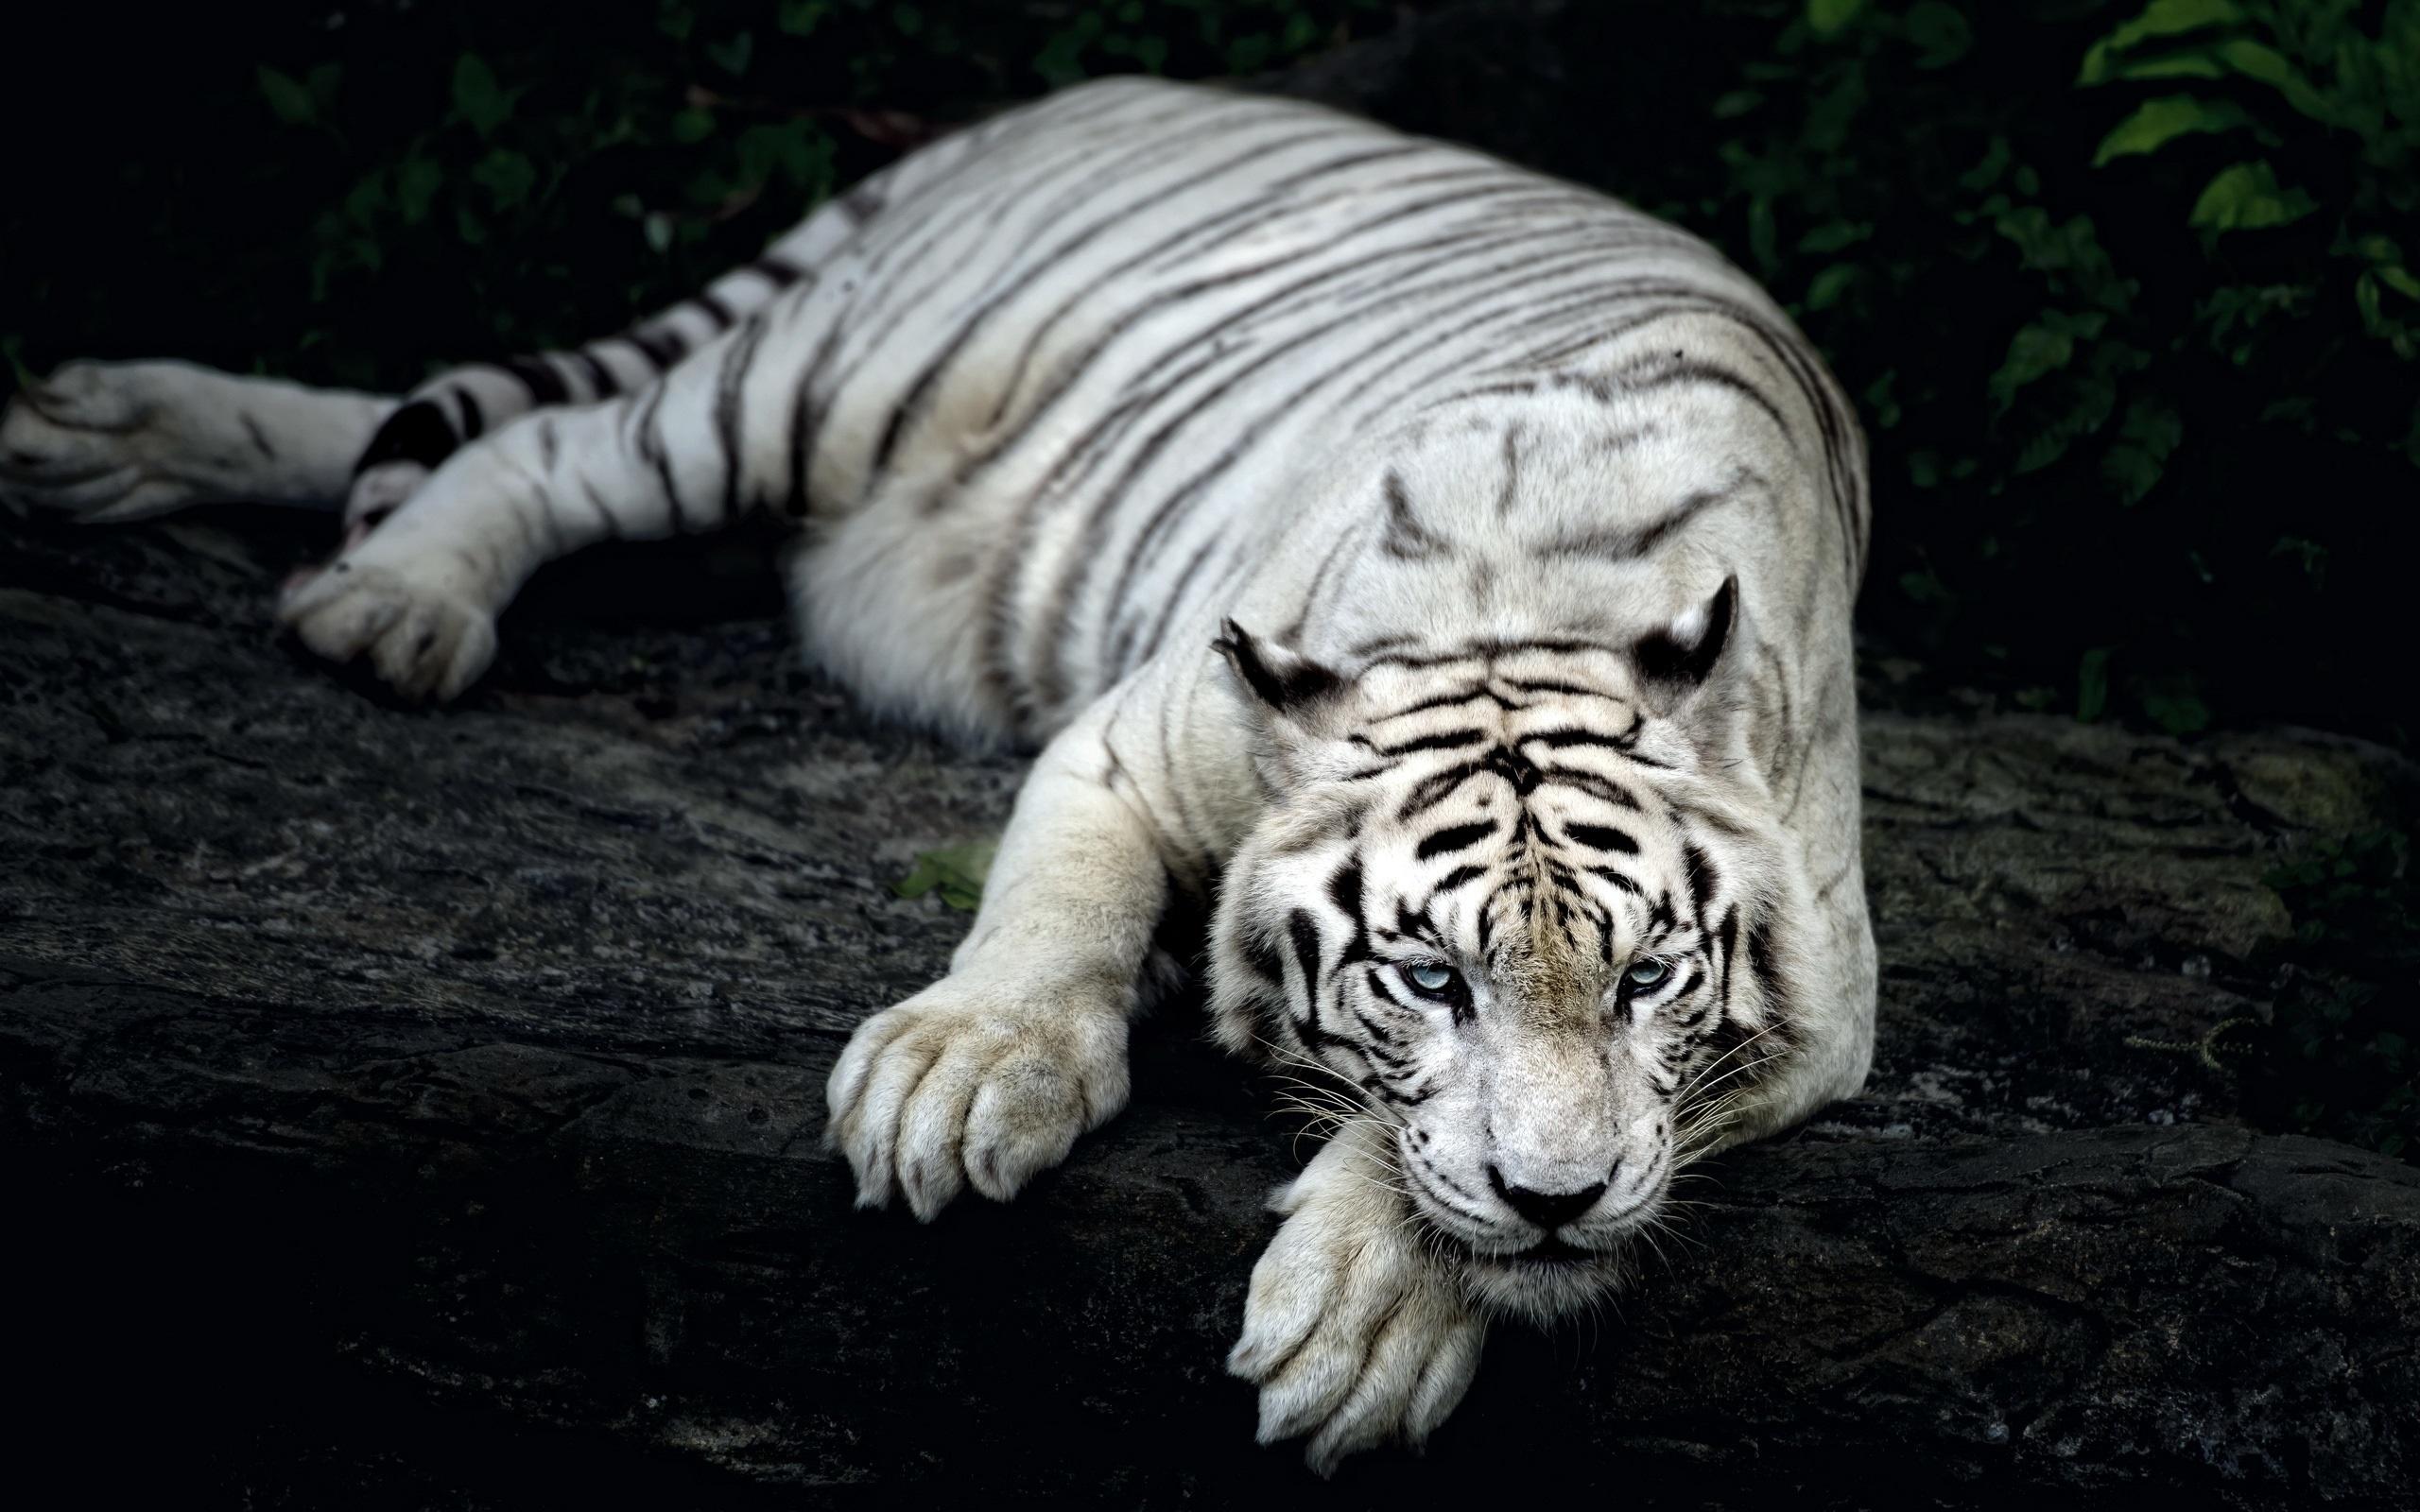 白虎休息 壁纸 - 2560x1600